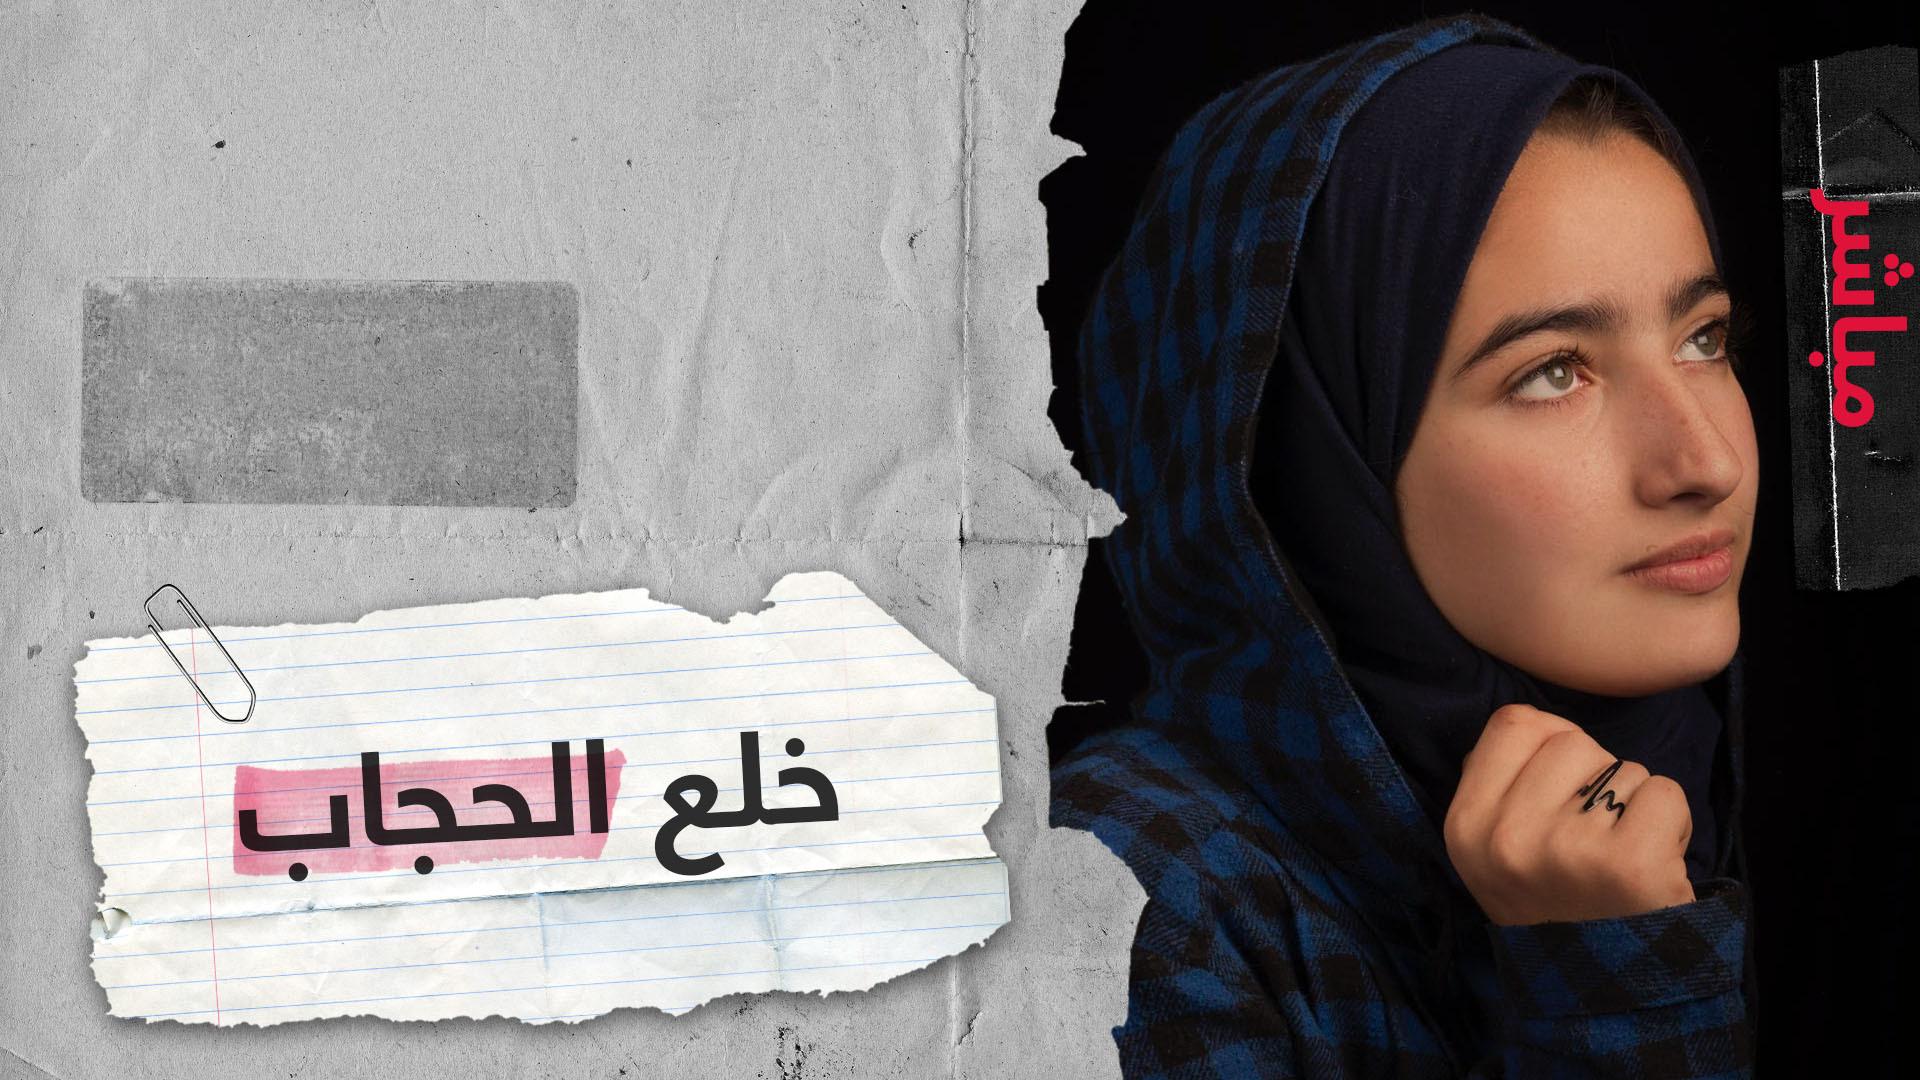 خلع الحجاب.. بين الحرية الفردية ونظرة المجتمع